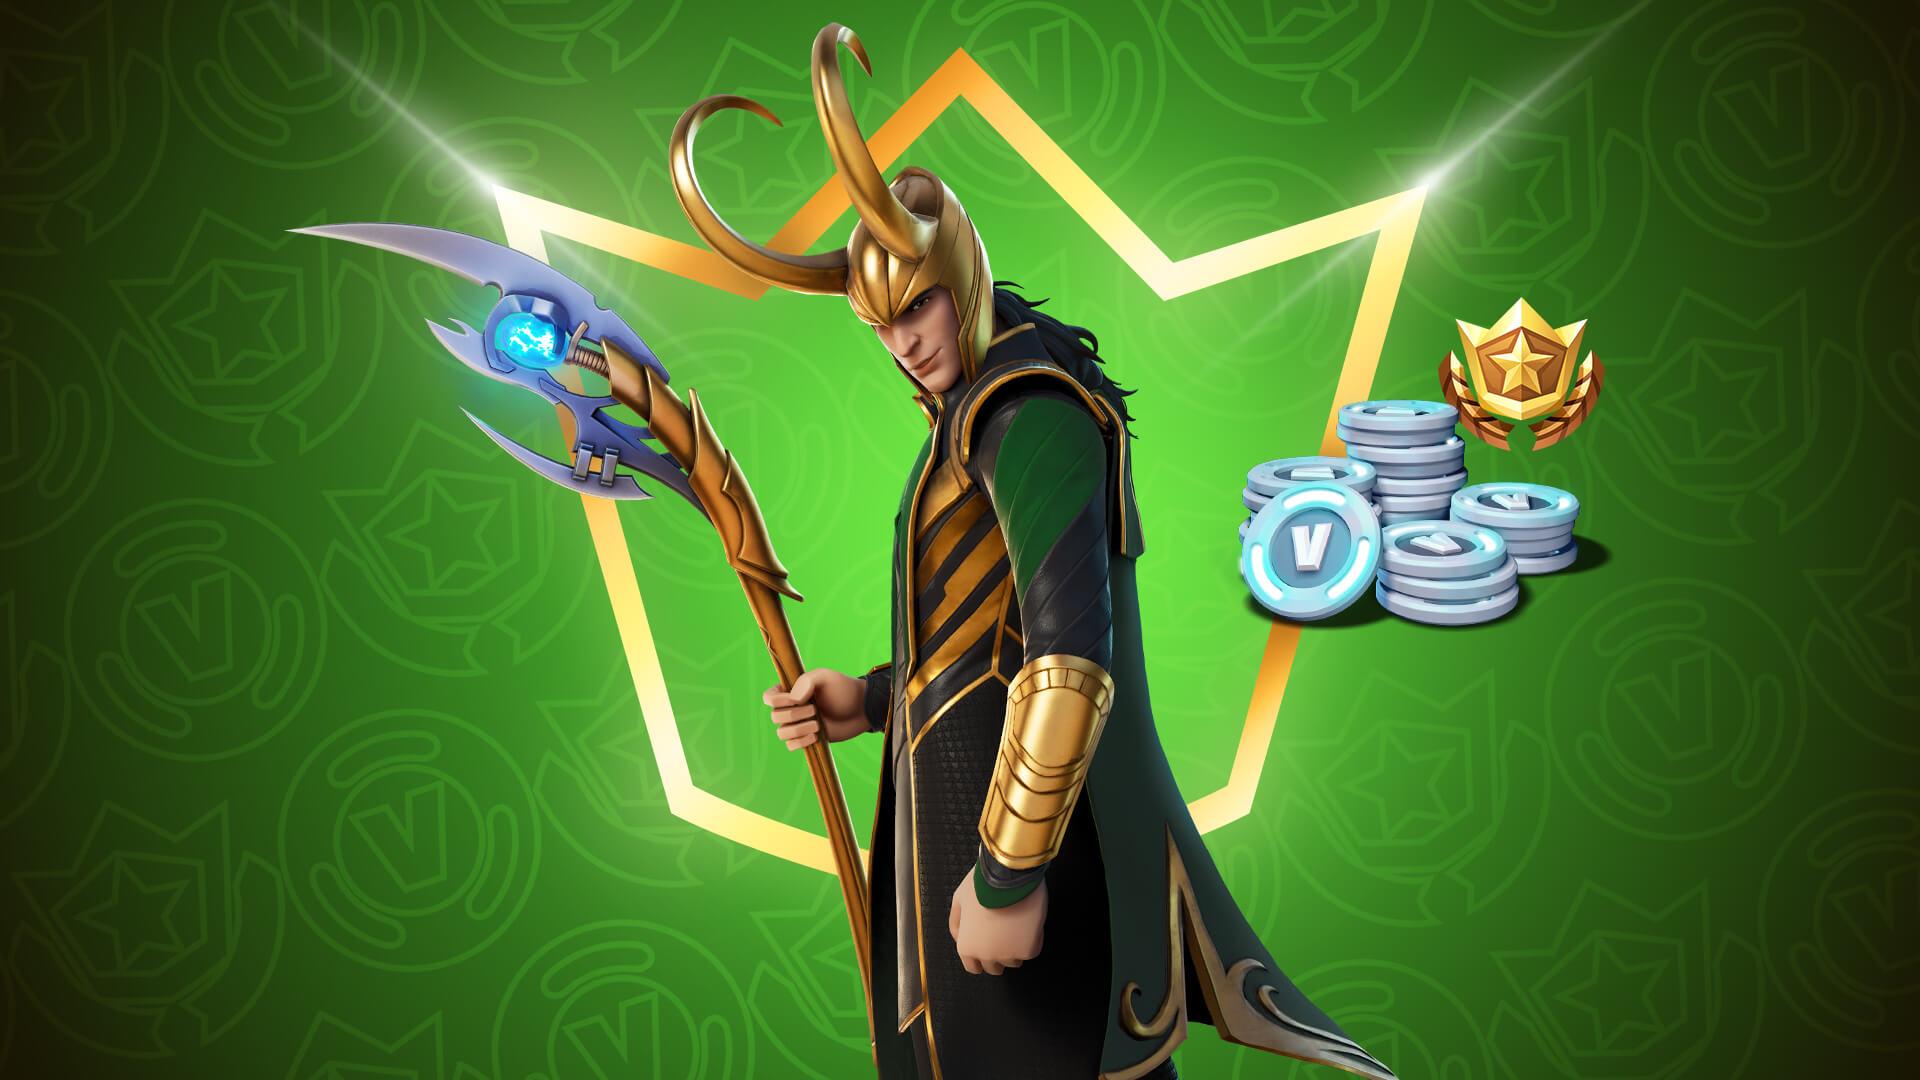 Loki estará disponible en Fornite a partir del 1 de julio